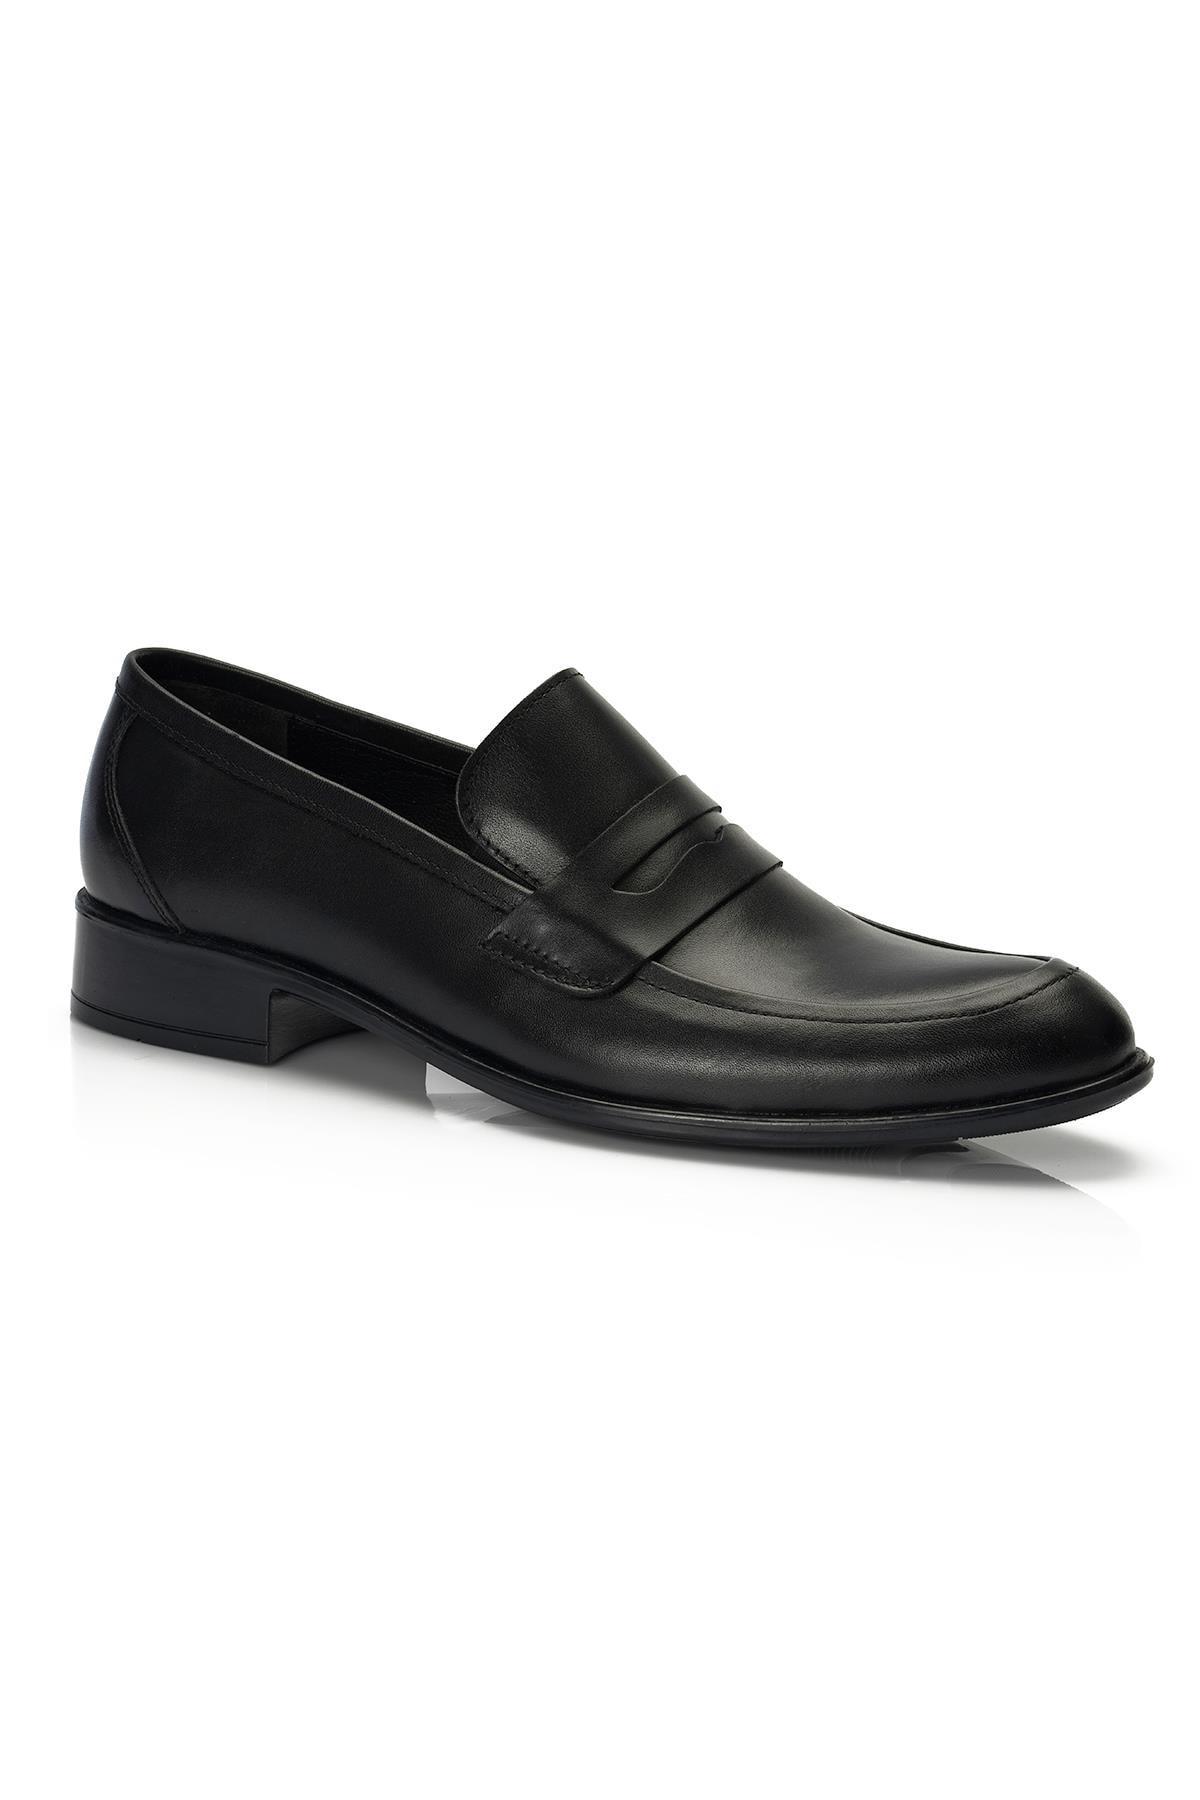 Muggo H040 Hakiki Deri Klasik Erkek Ayakkabı 0